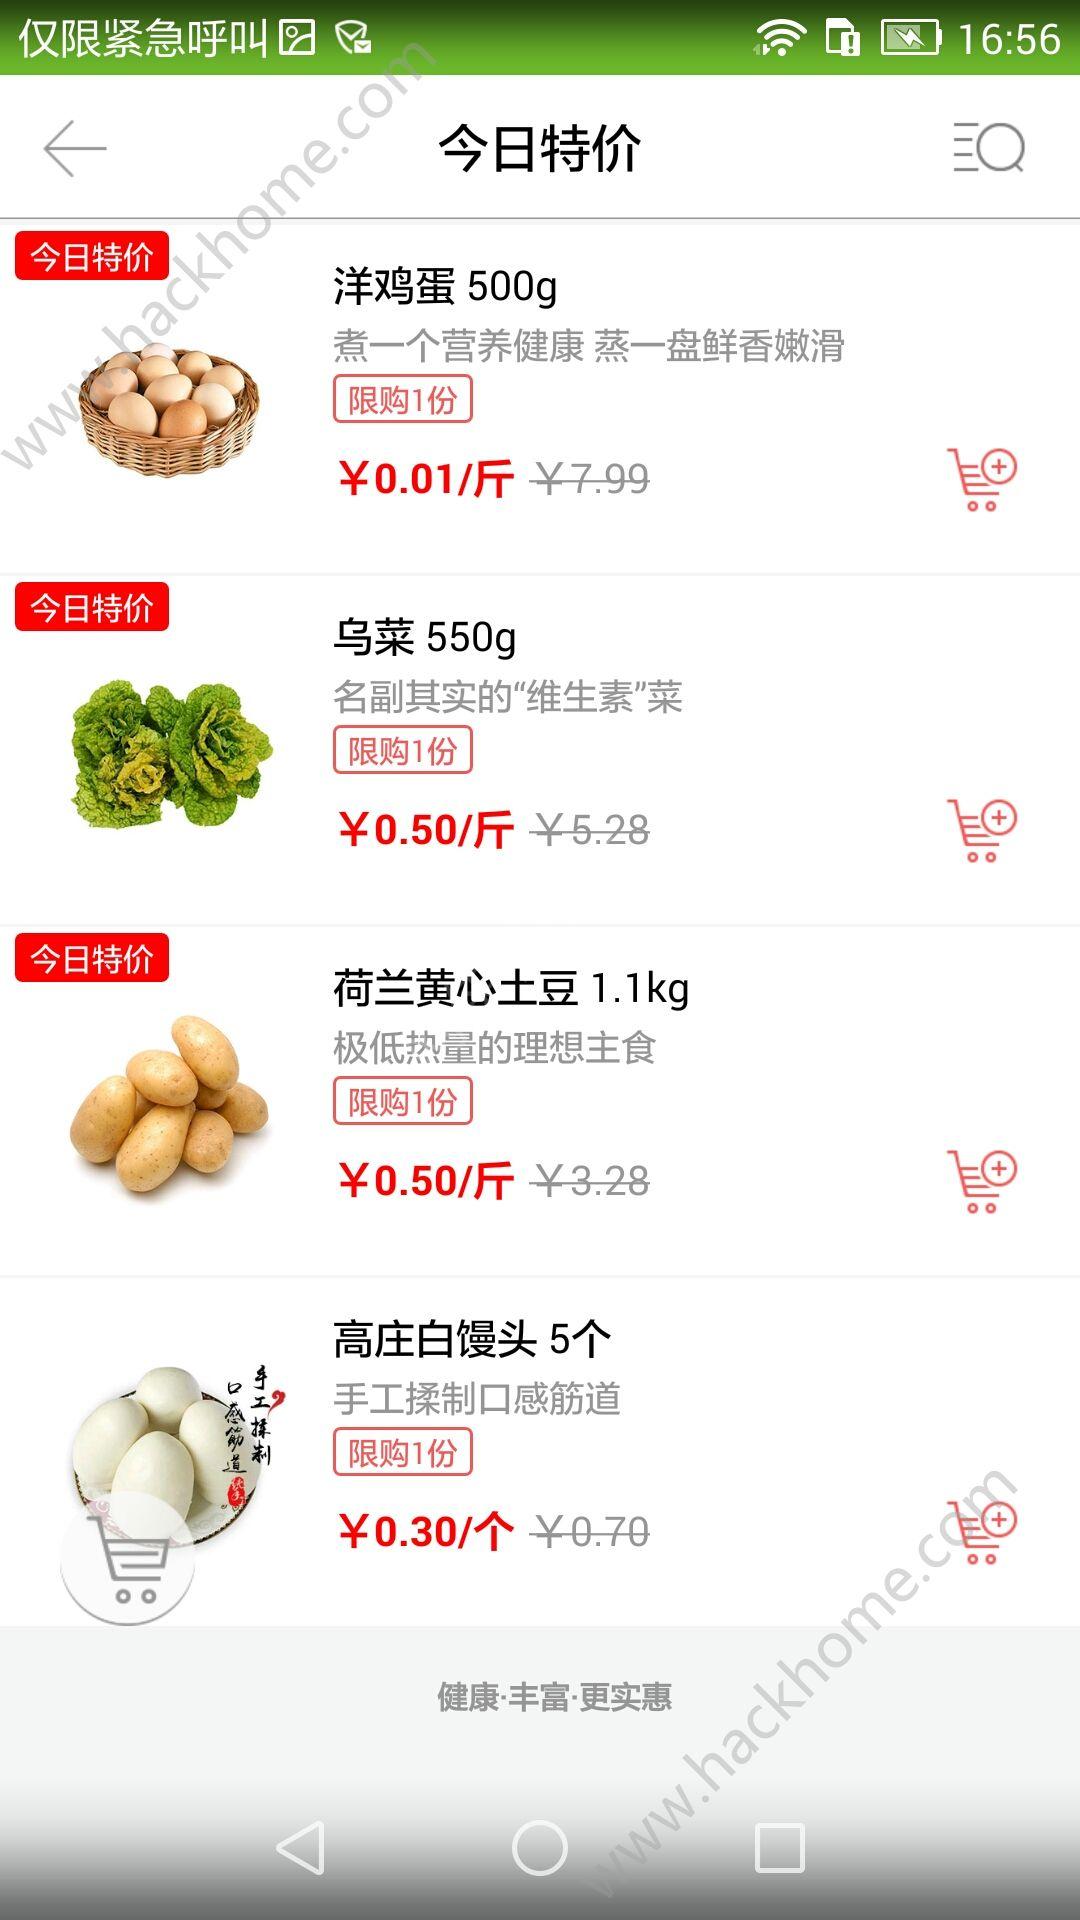 呆萝卜app测评:方便大众的综合生鲜购物平台[多图]图片1